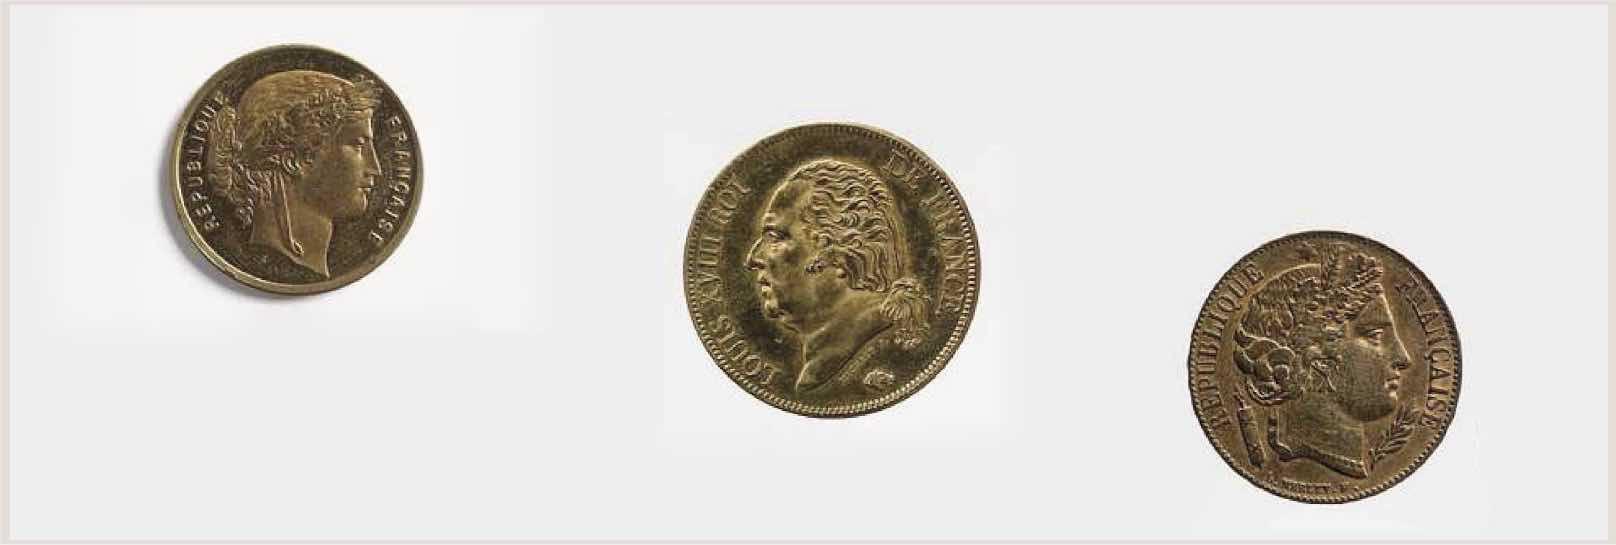 achat de pièces d'or anciennes